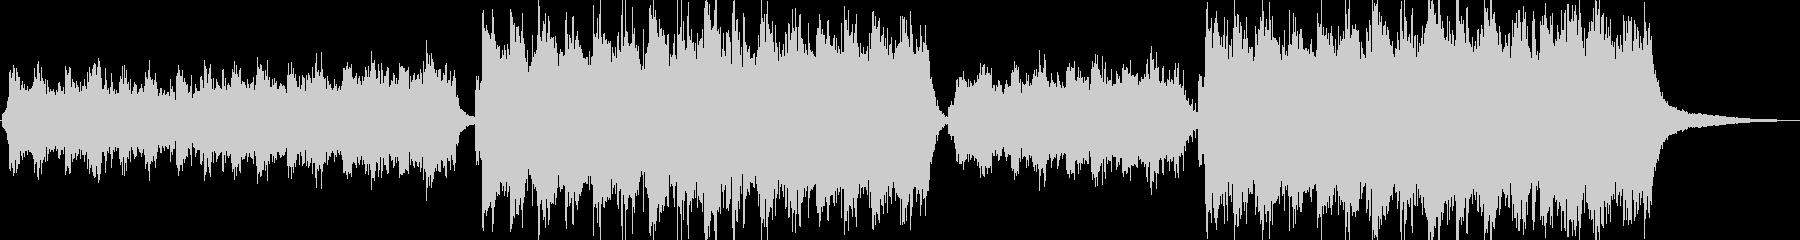 力強く知的なイメージのBGMの未再生の波形